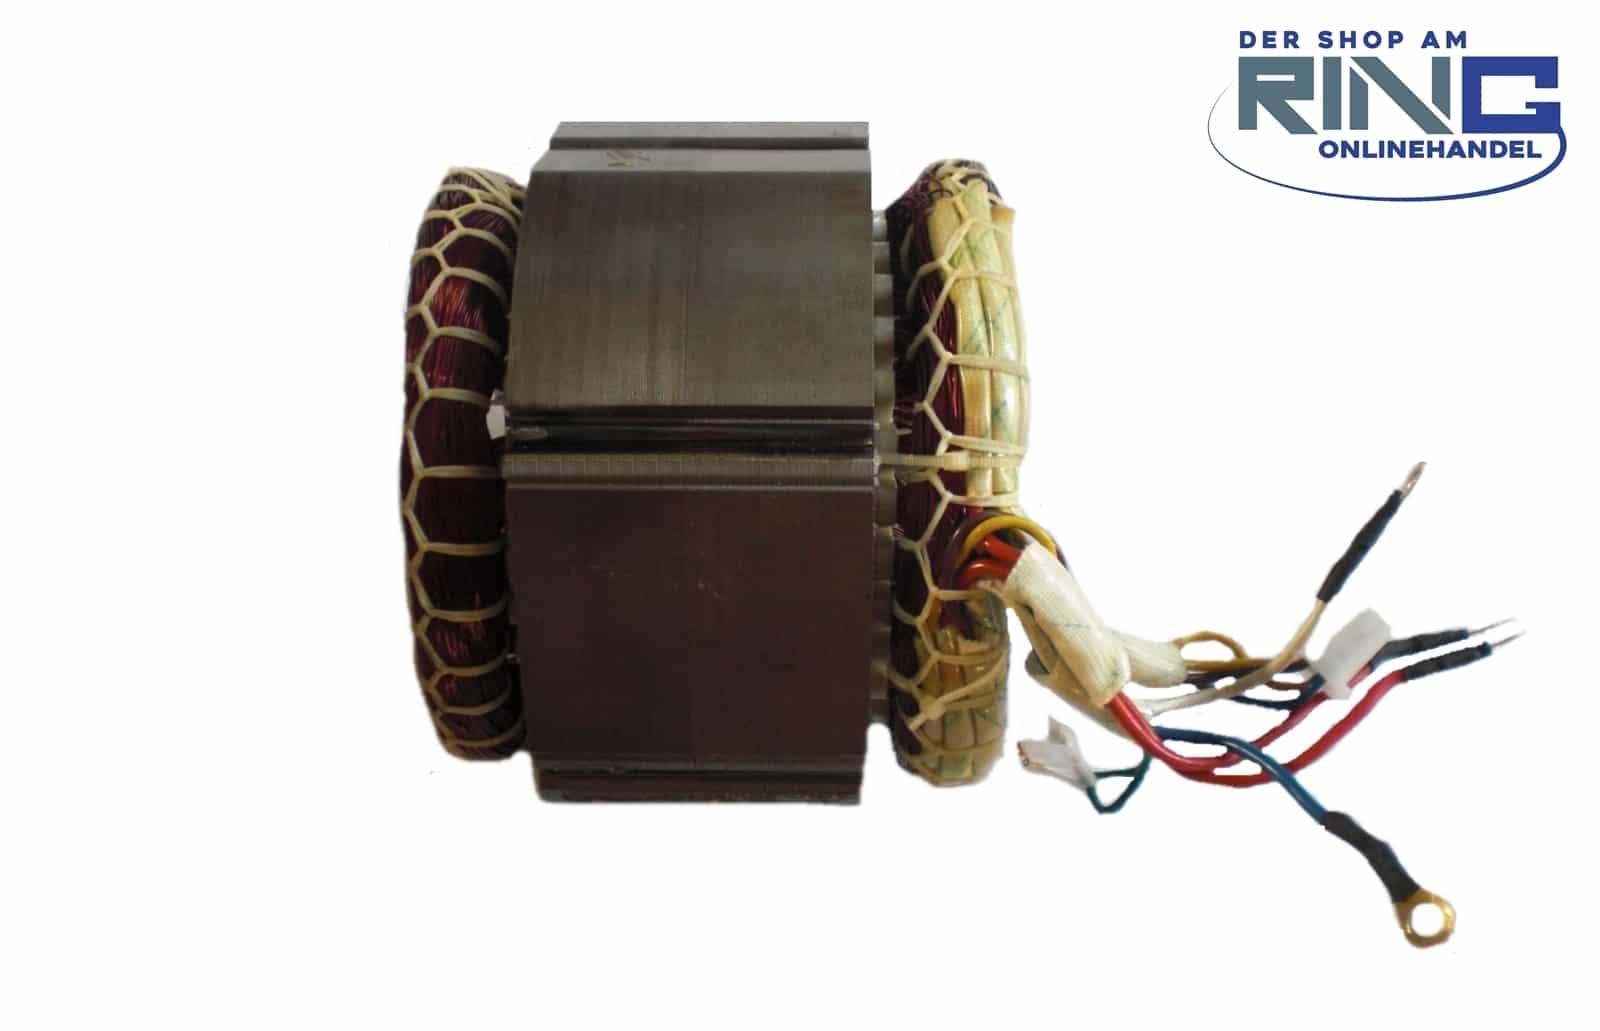 Seilzugstarter passend für Kraftech KT8500 Stromerzeuger Stromaggregat